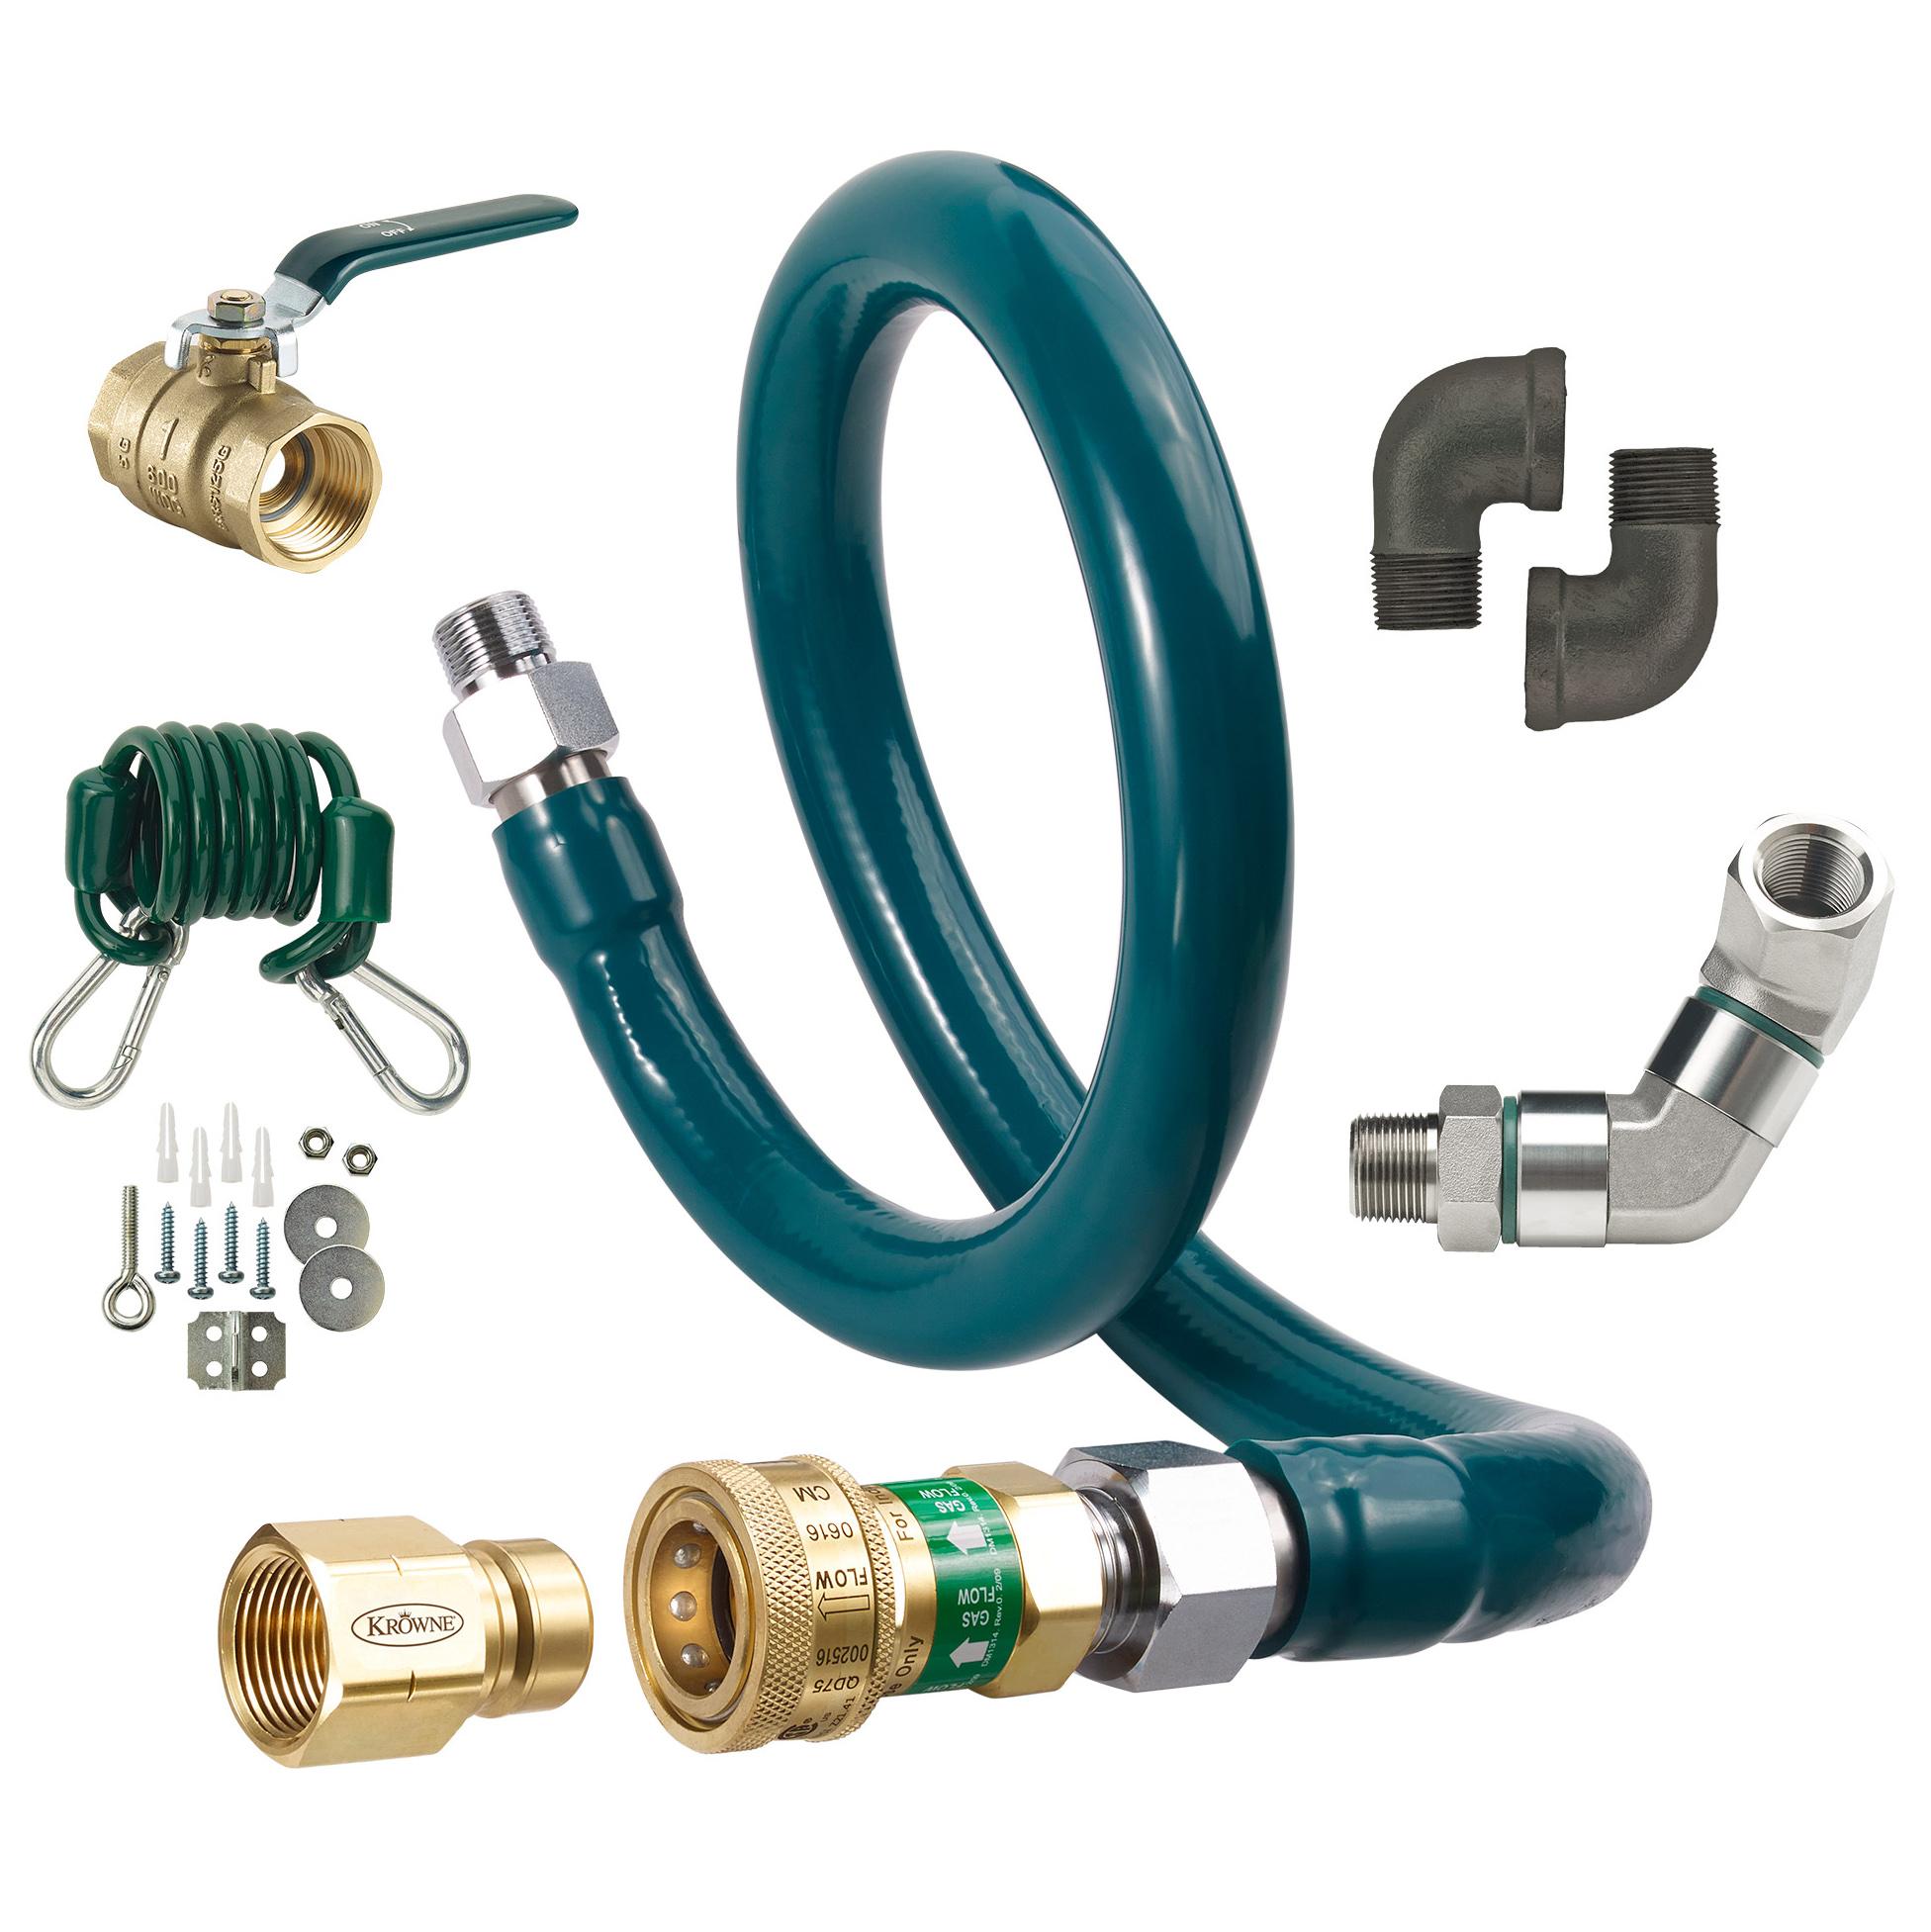 Krowne Metal M12572K9 gas hoses